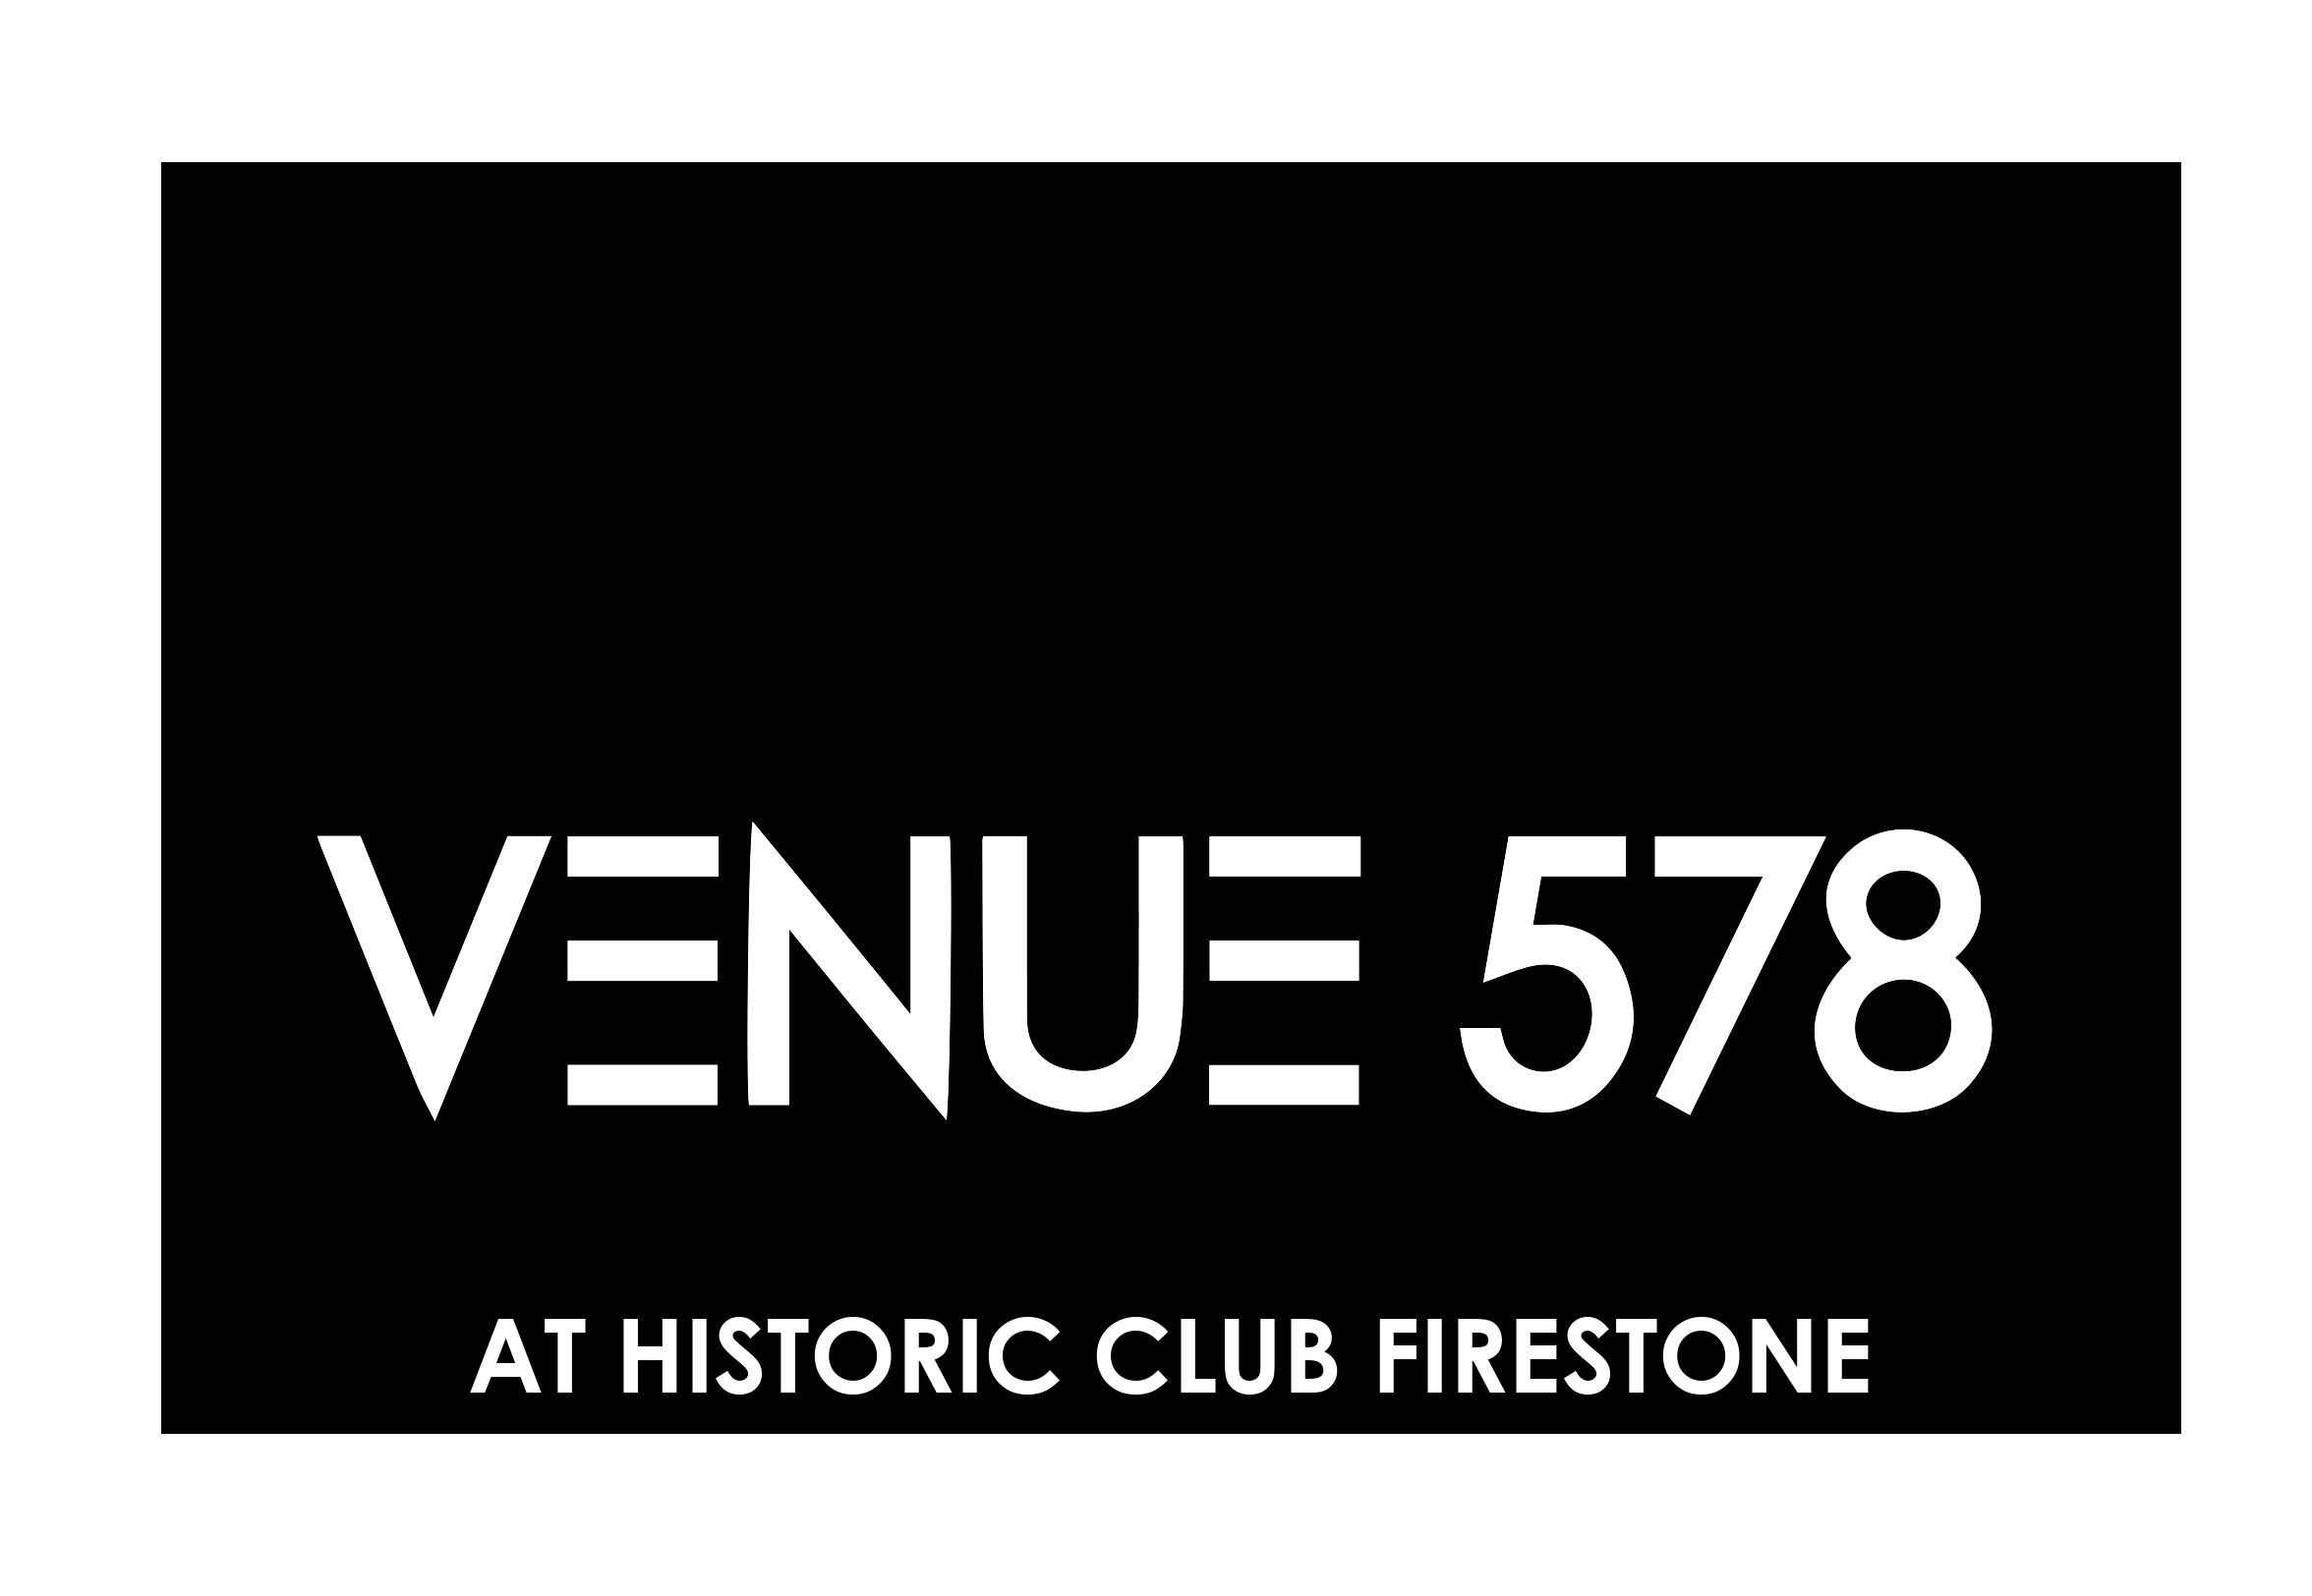 Venue 578 logo_BLK - Copy